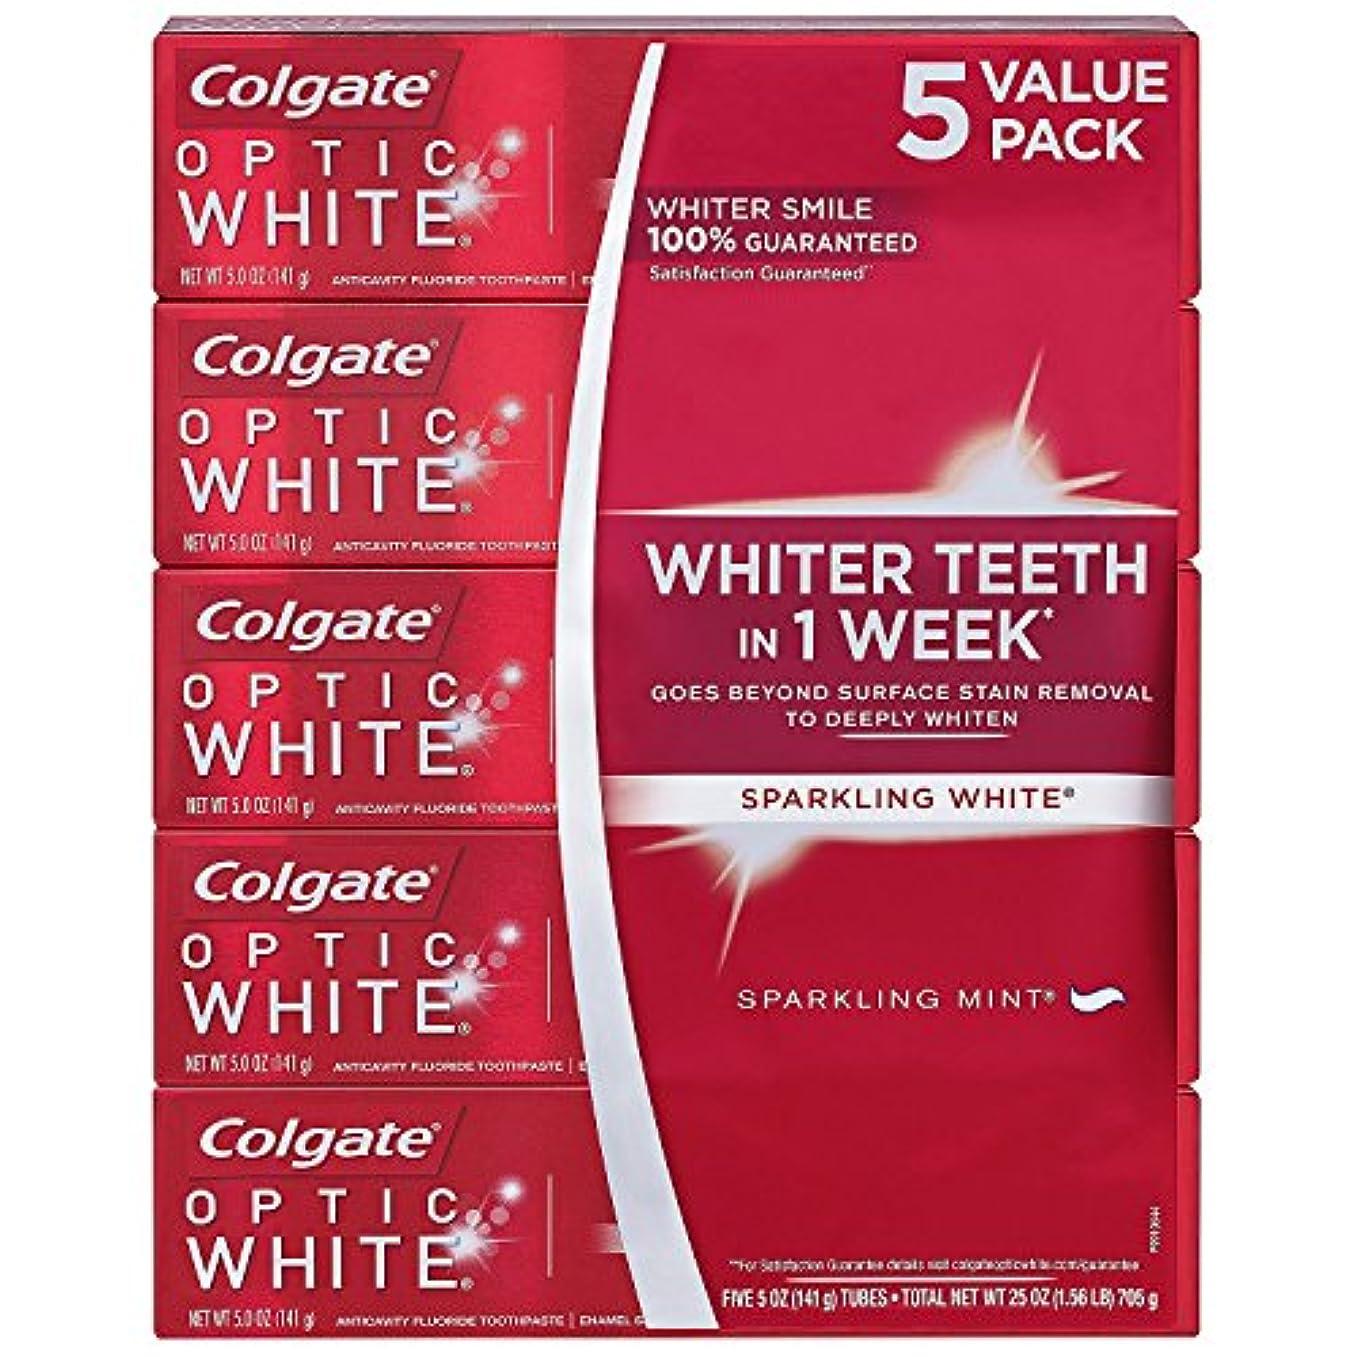 副産物コイル前任者海外直送品 Colgate Optic White コルゲート オプティック ホワイト スパークリングミント141g ×5本 [Pack of 5]